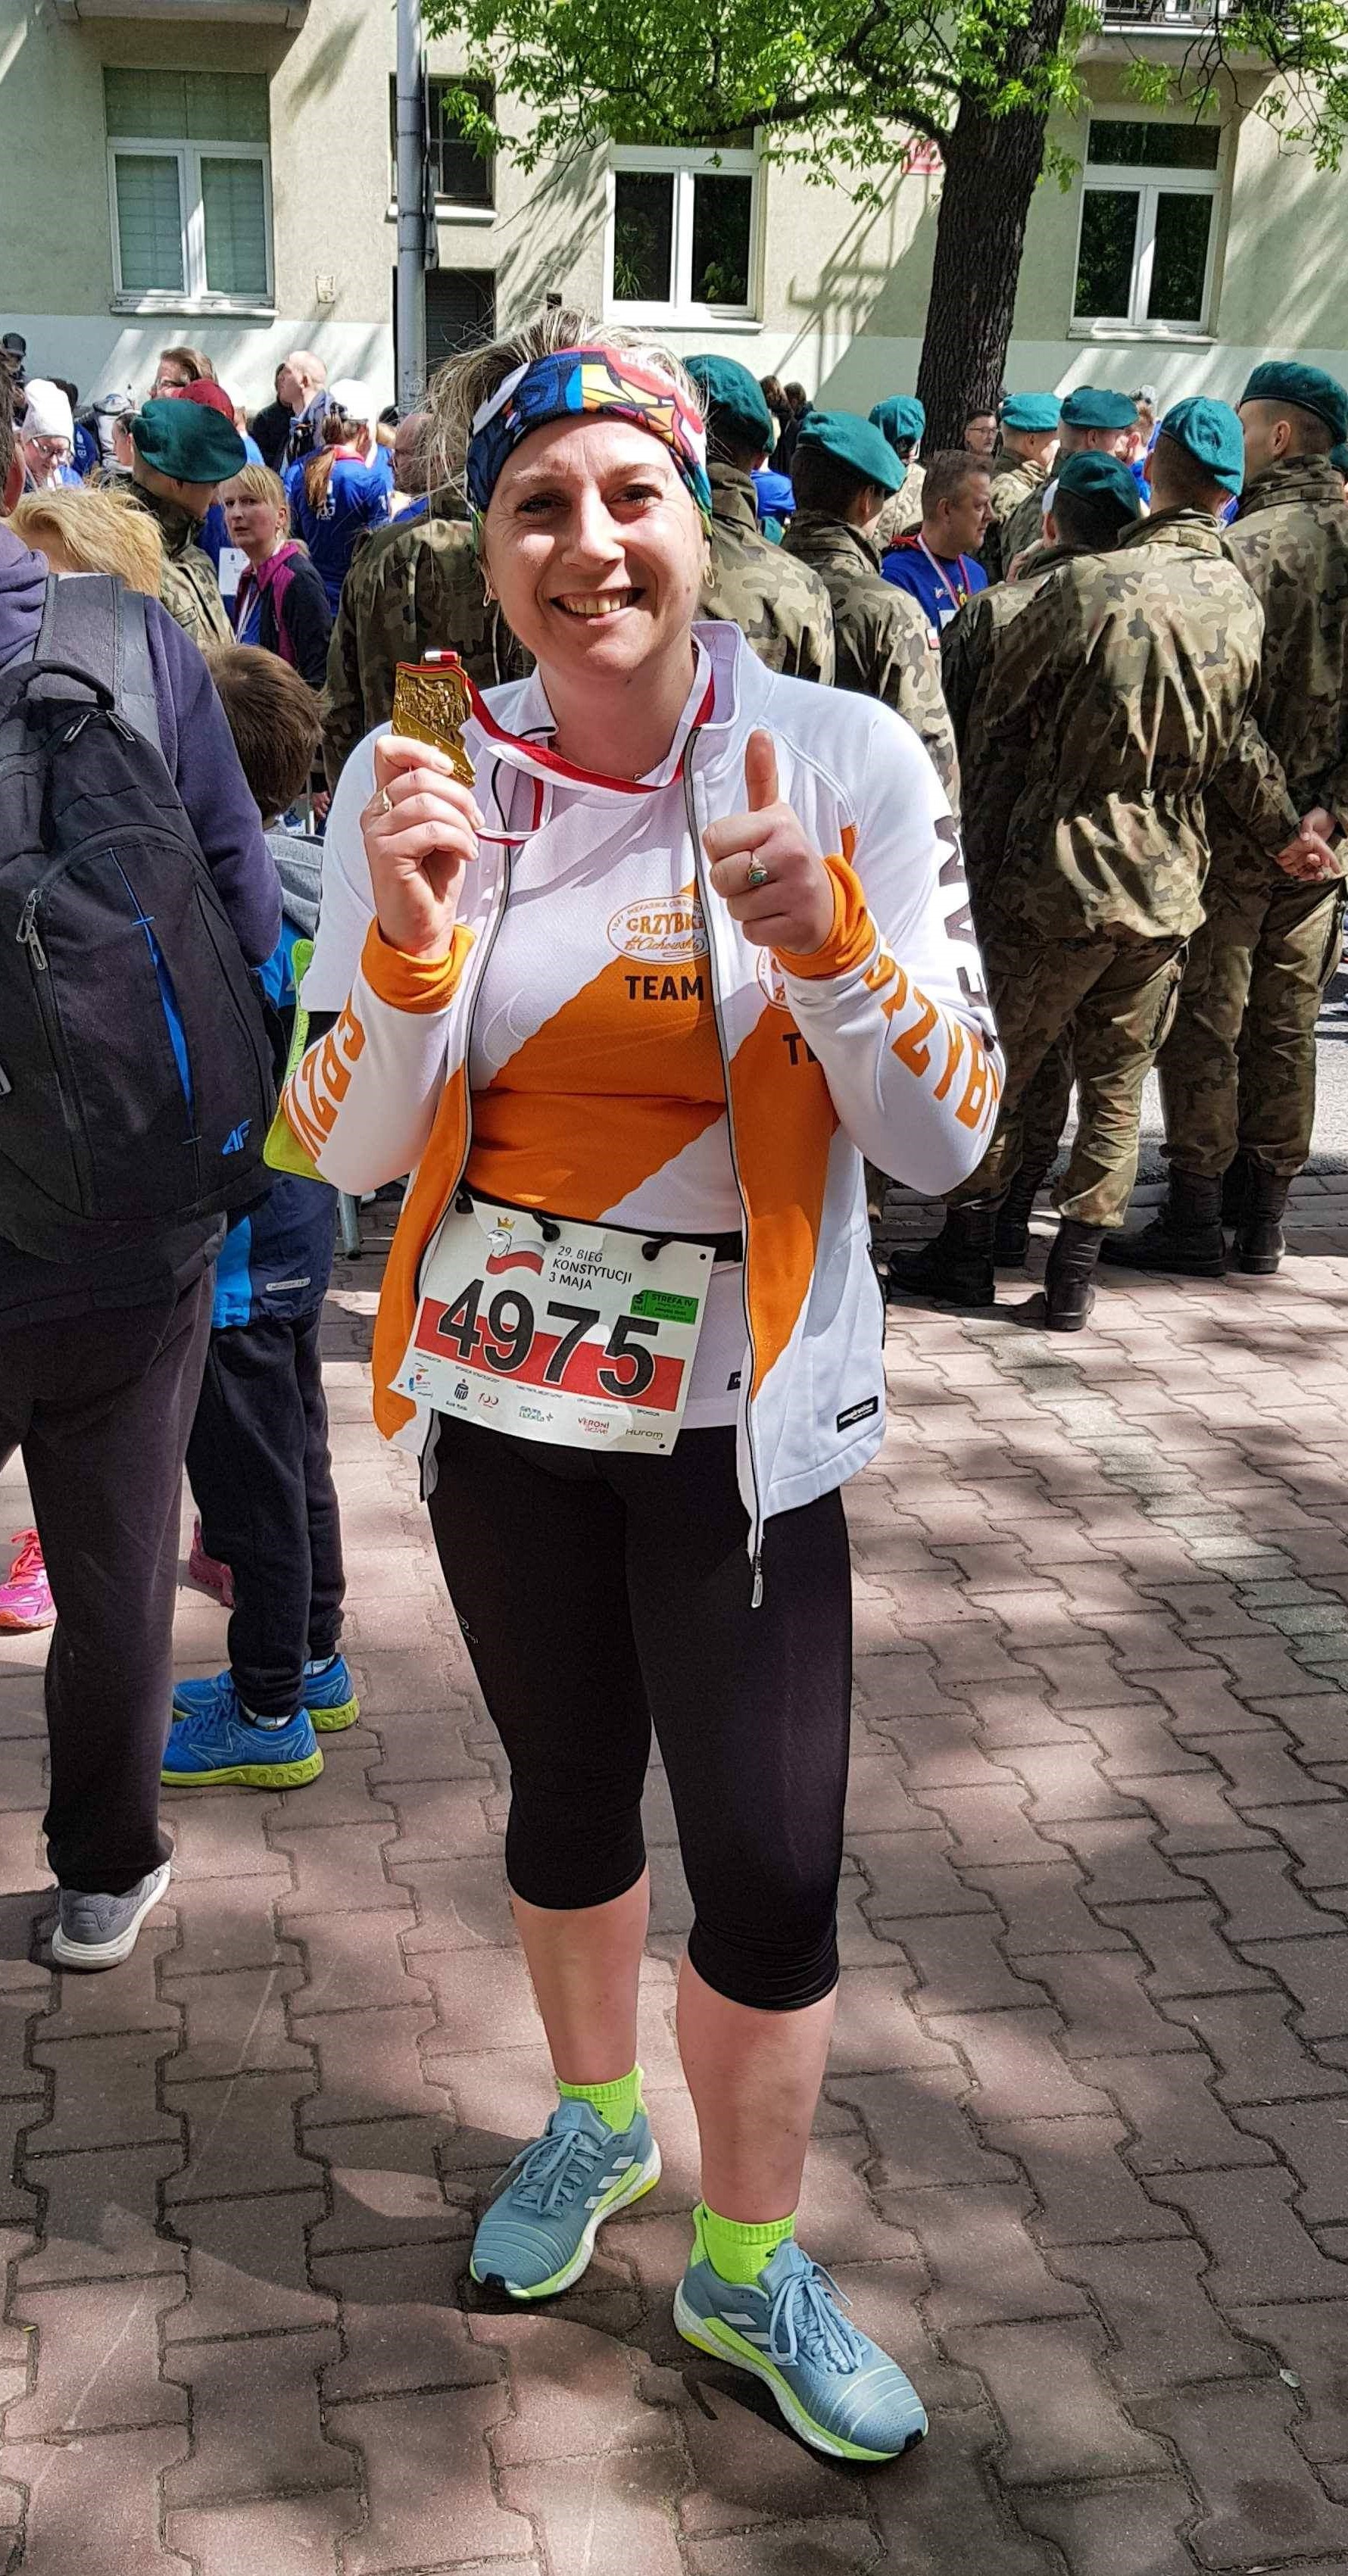 Ania z kolejnym medalem | 29. Bieg Konstytucji 3 Maja w Warszawie 3 maja 2019r.